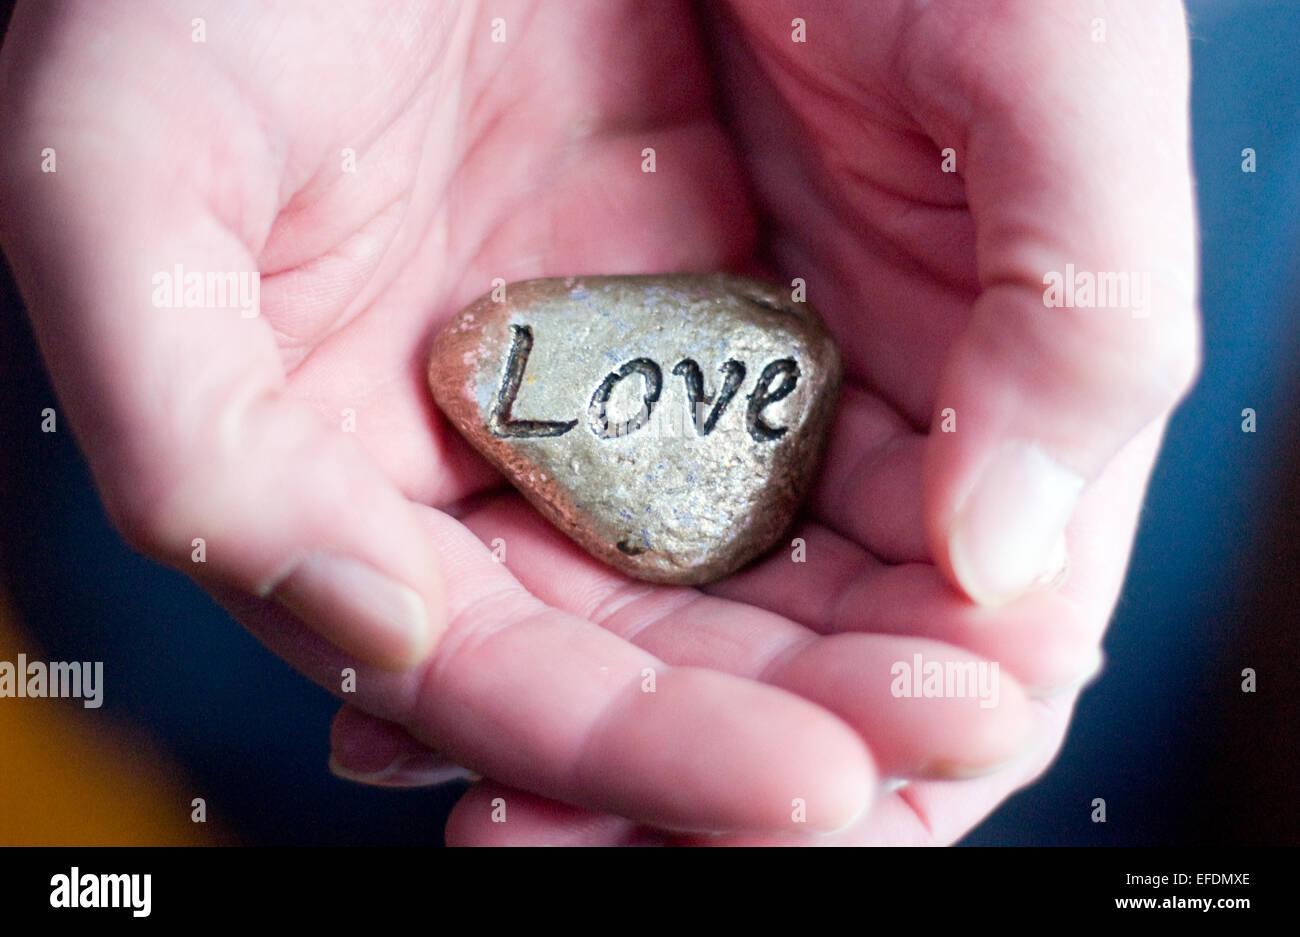 Mano sujetando la piedra del amor. Amor y cuidado concepto Imagen De Stock